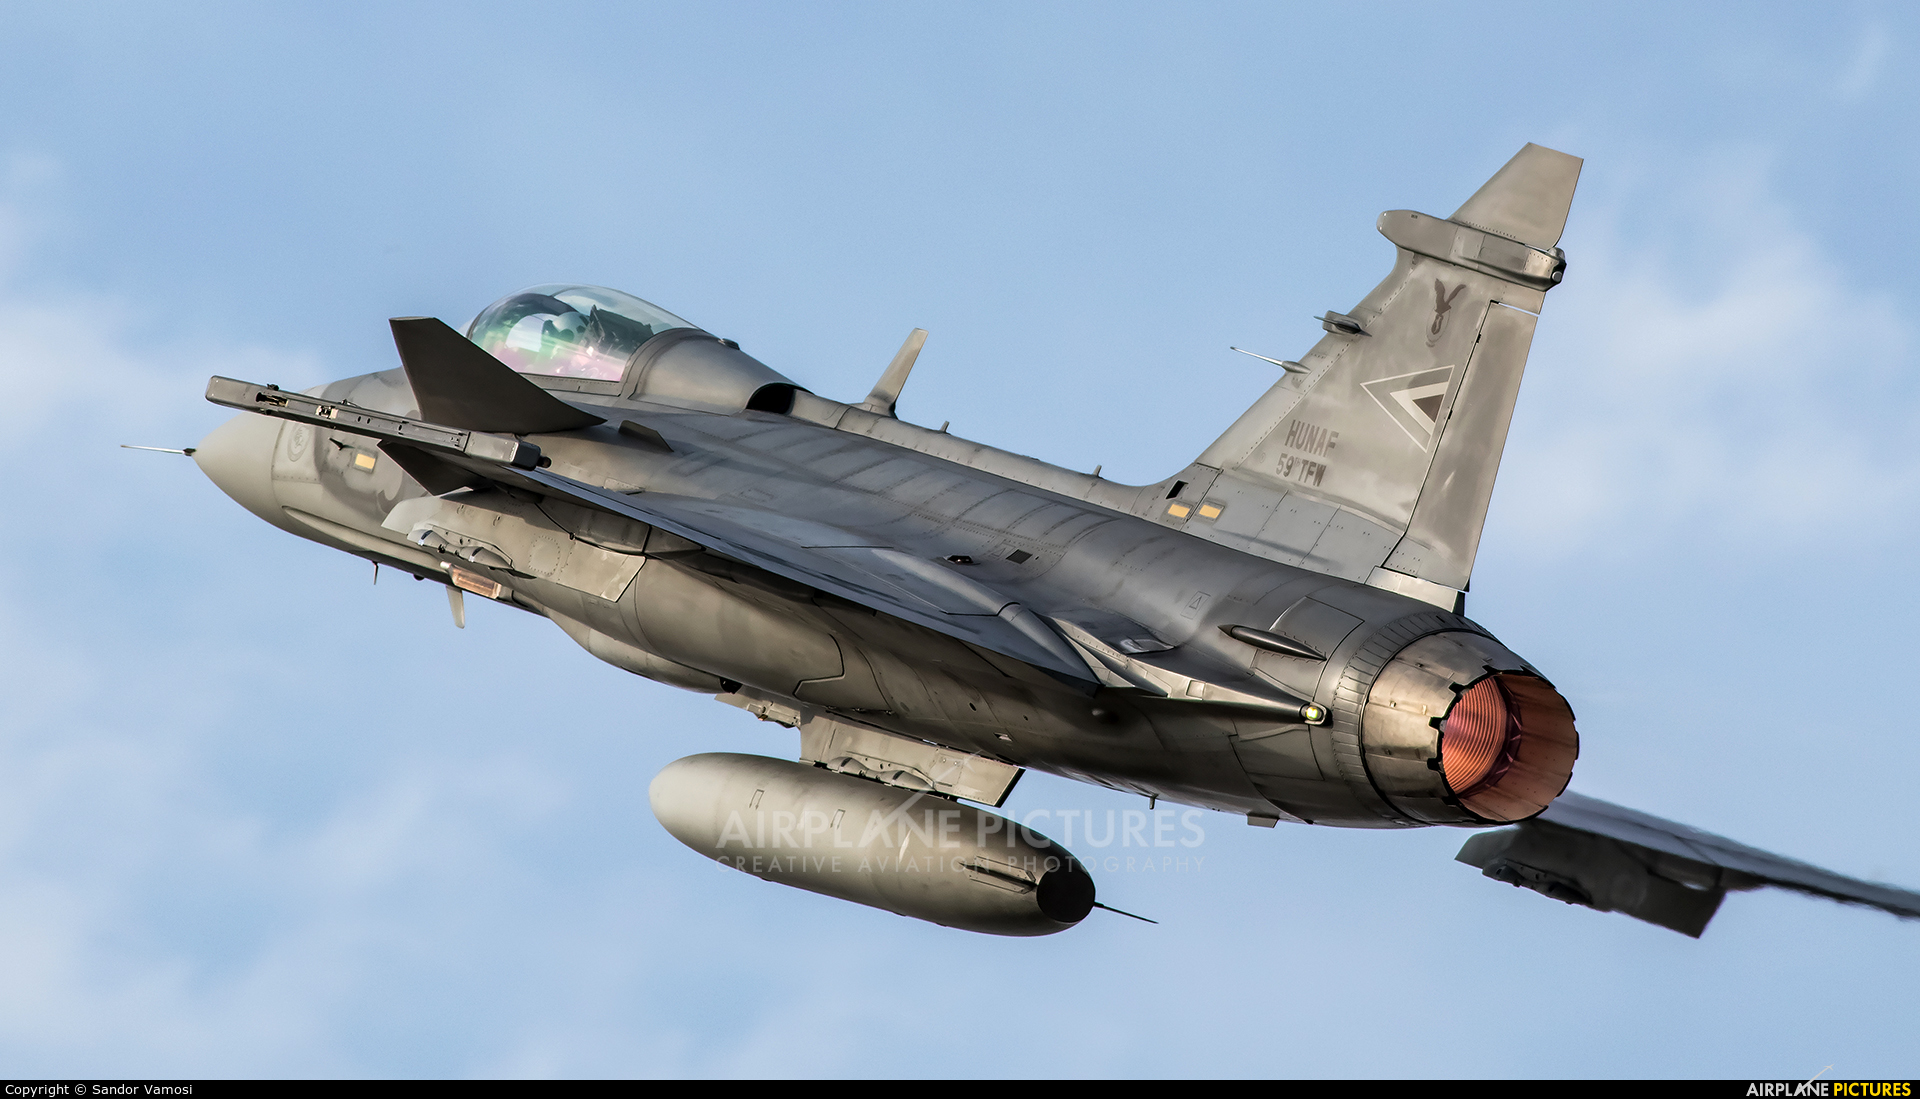 Hungary - Air Force 39 aircraft at Kecskemét